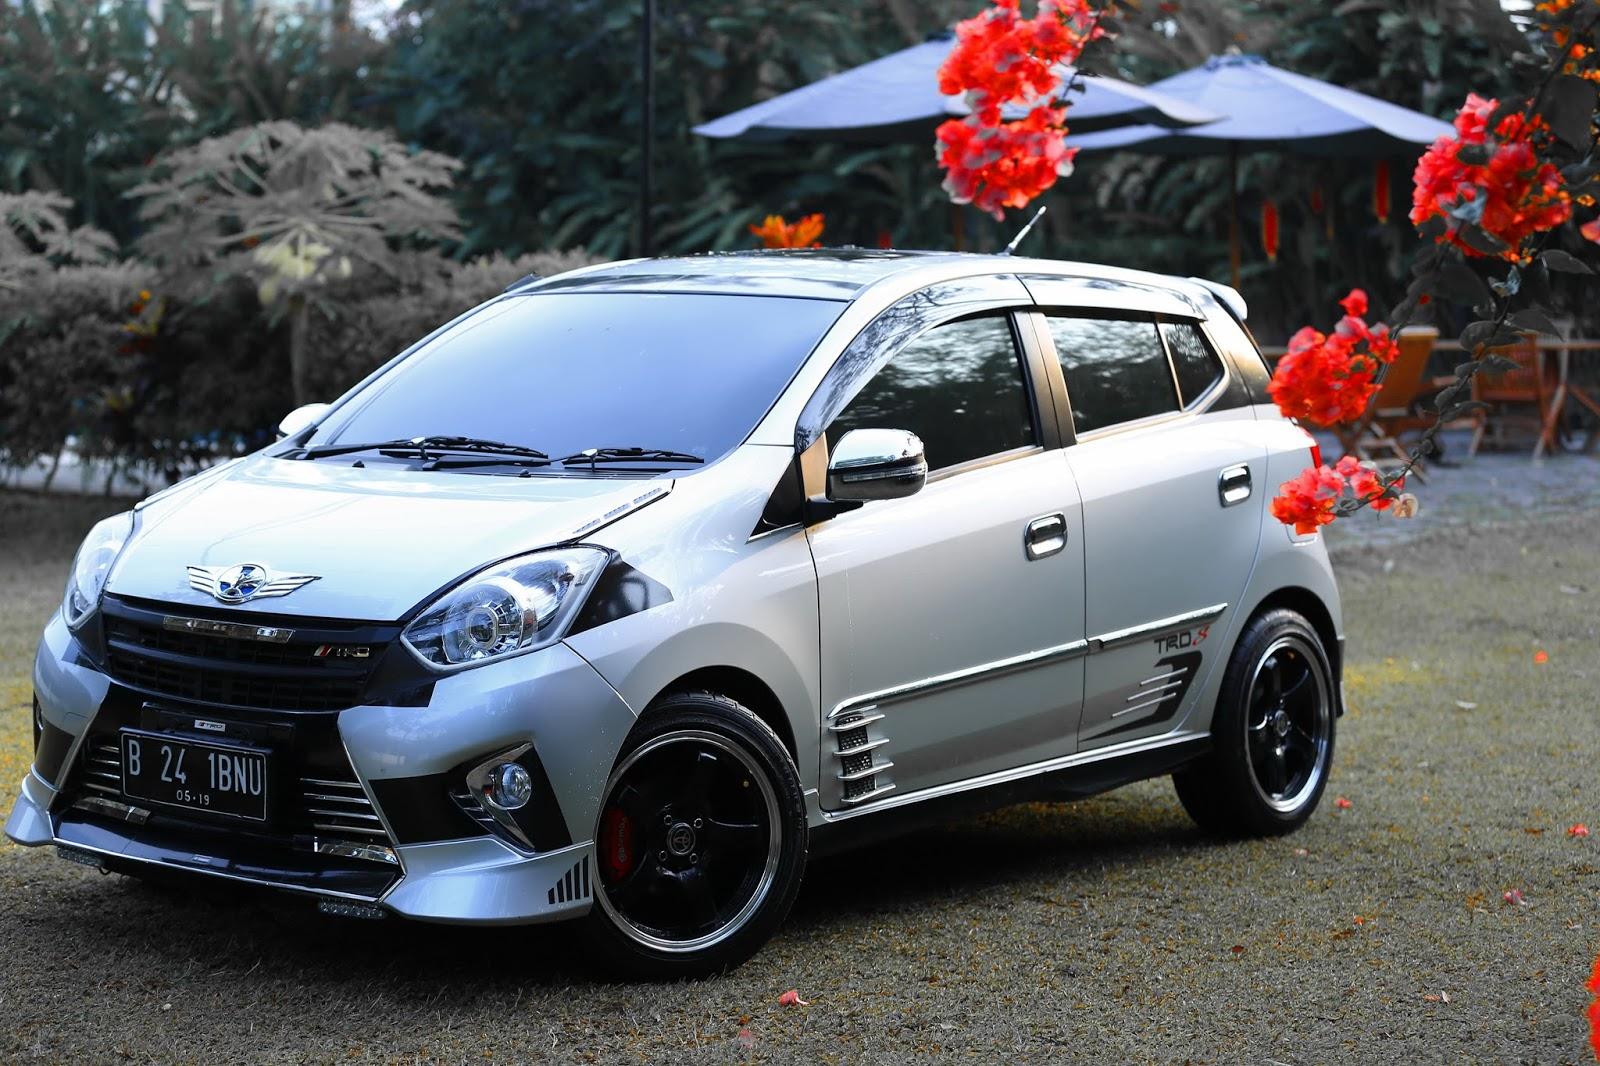 Warna New Agya Trd Yaris Sportivo 2017 Gambar Modifikasi Mobil Tebaru Putih Biru